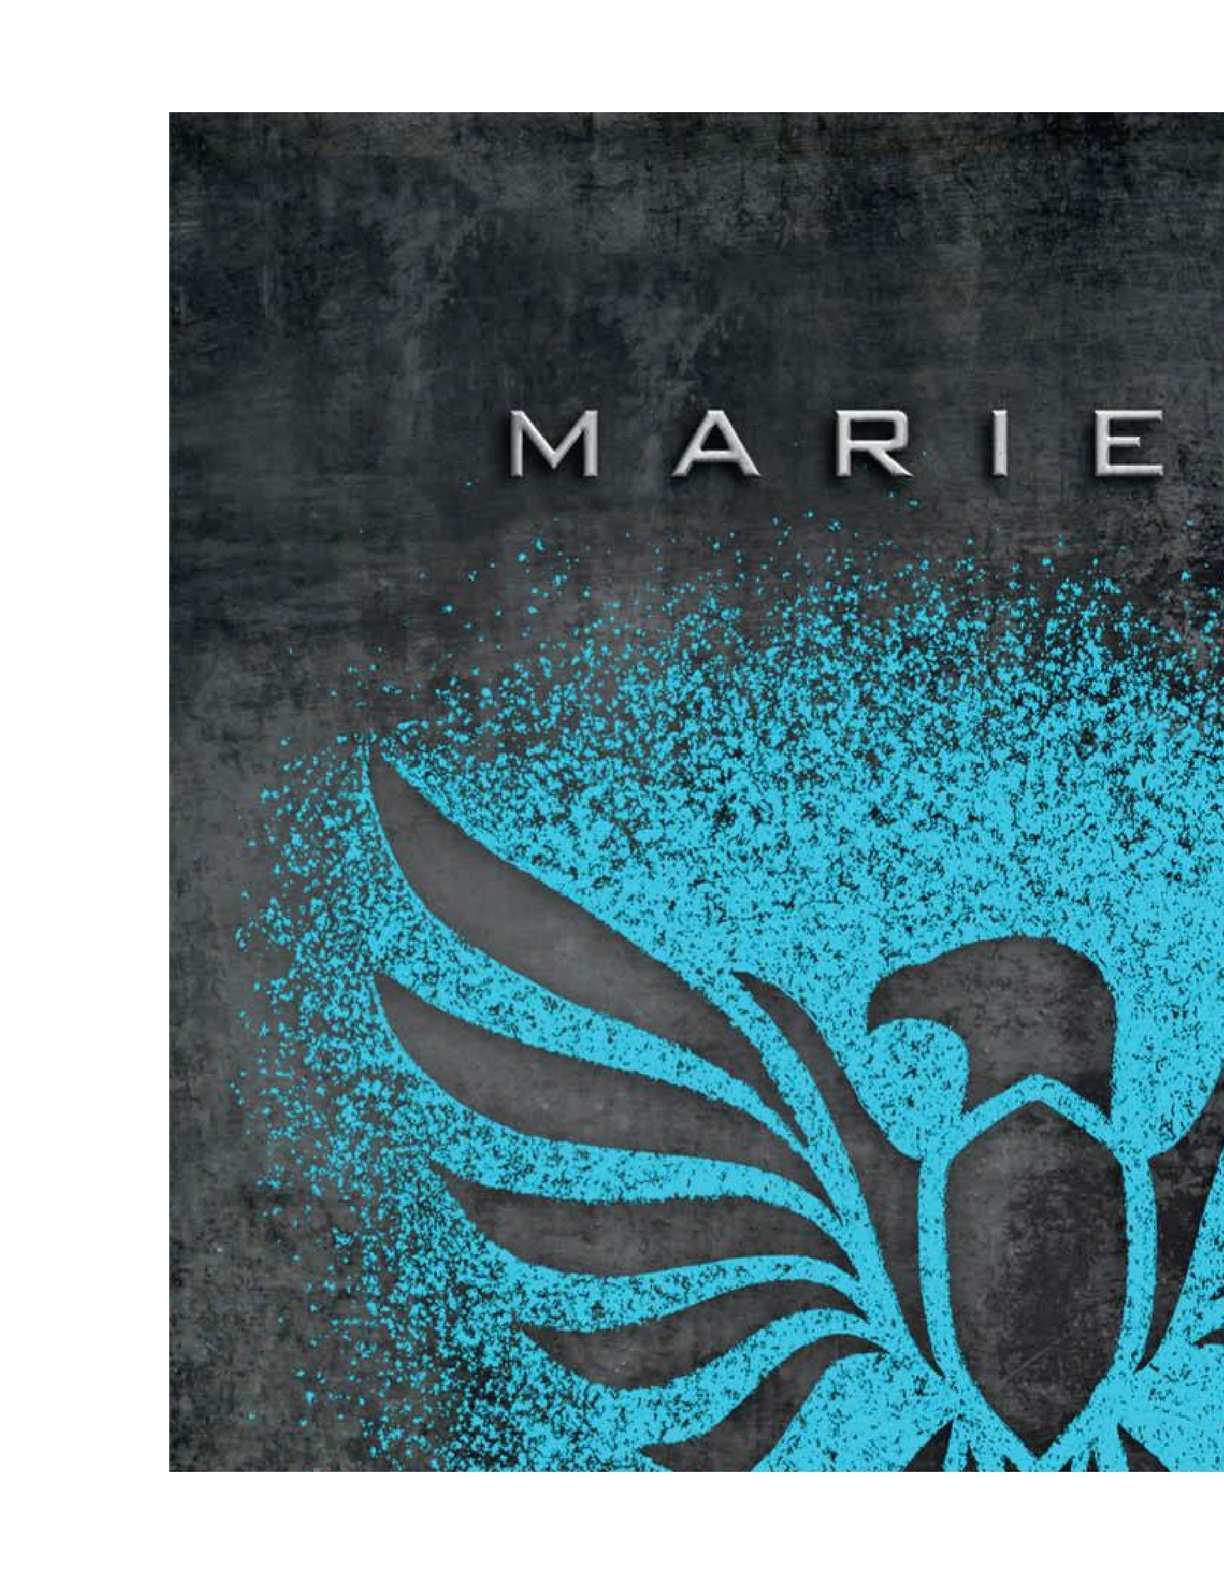 Calaméo - Prodigy Marie Lu 8383724efaef